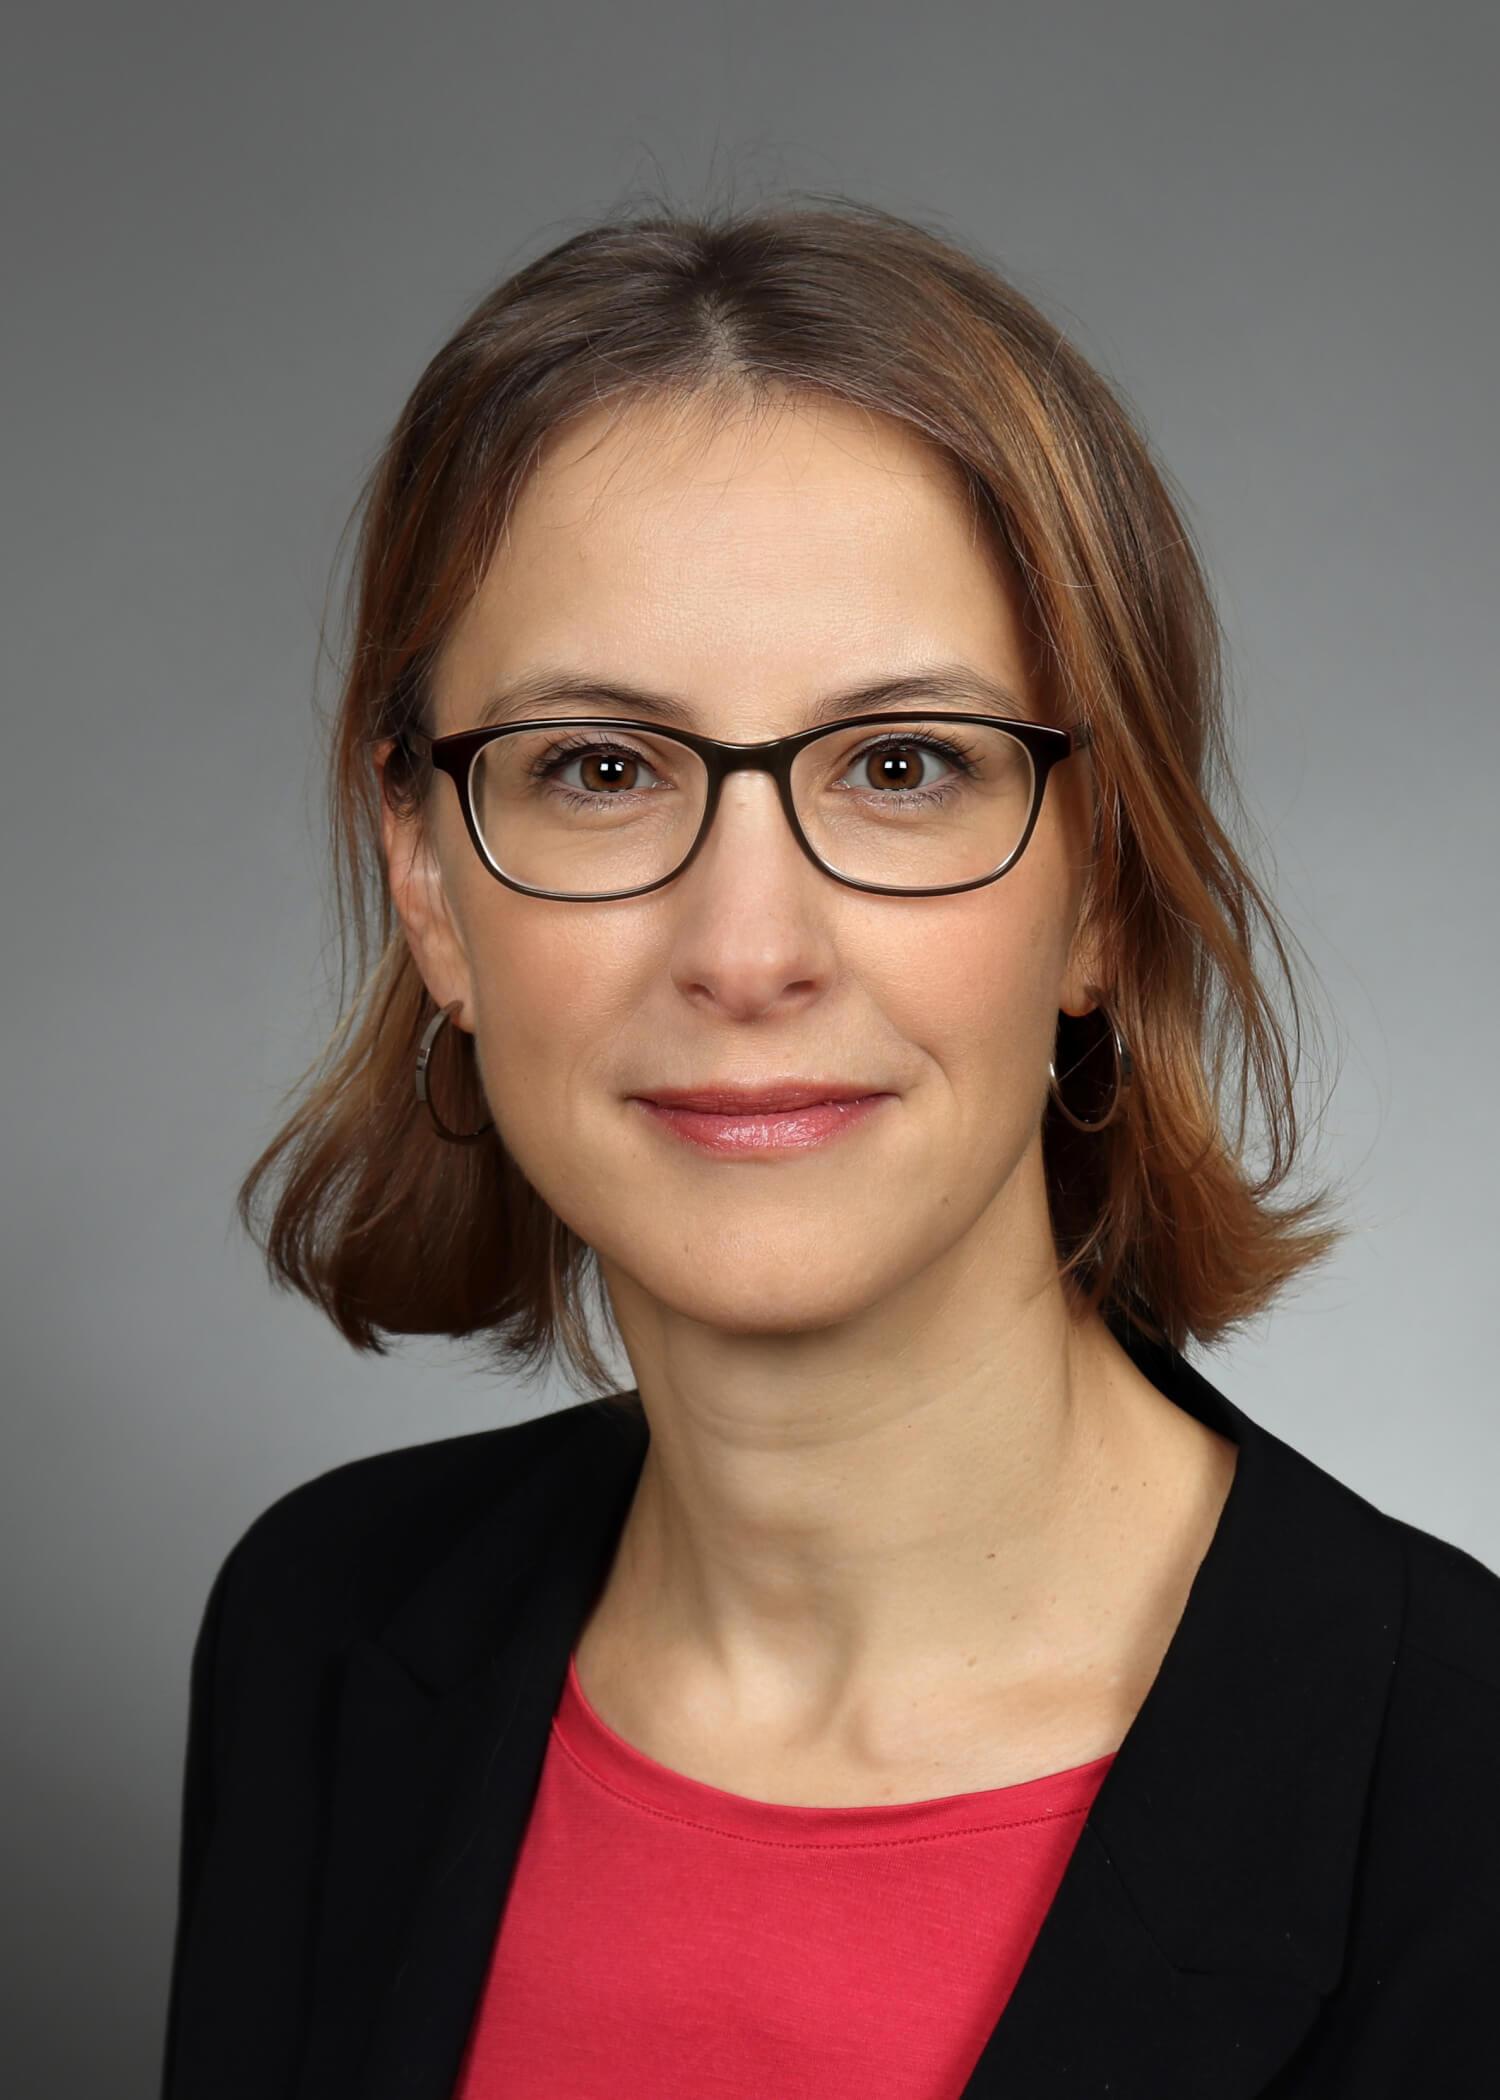 Corinna Tölle